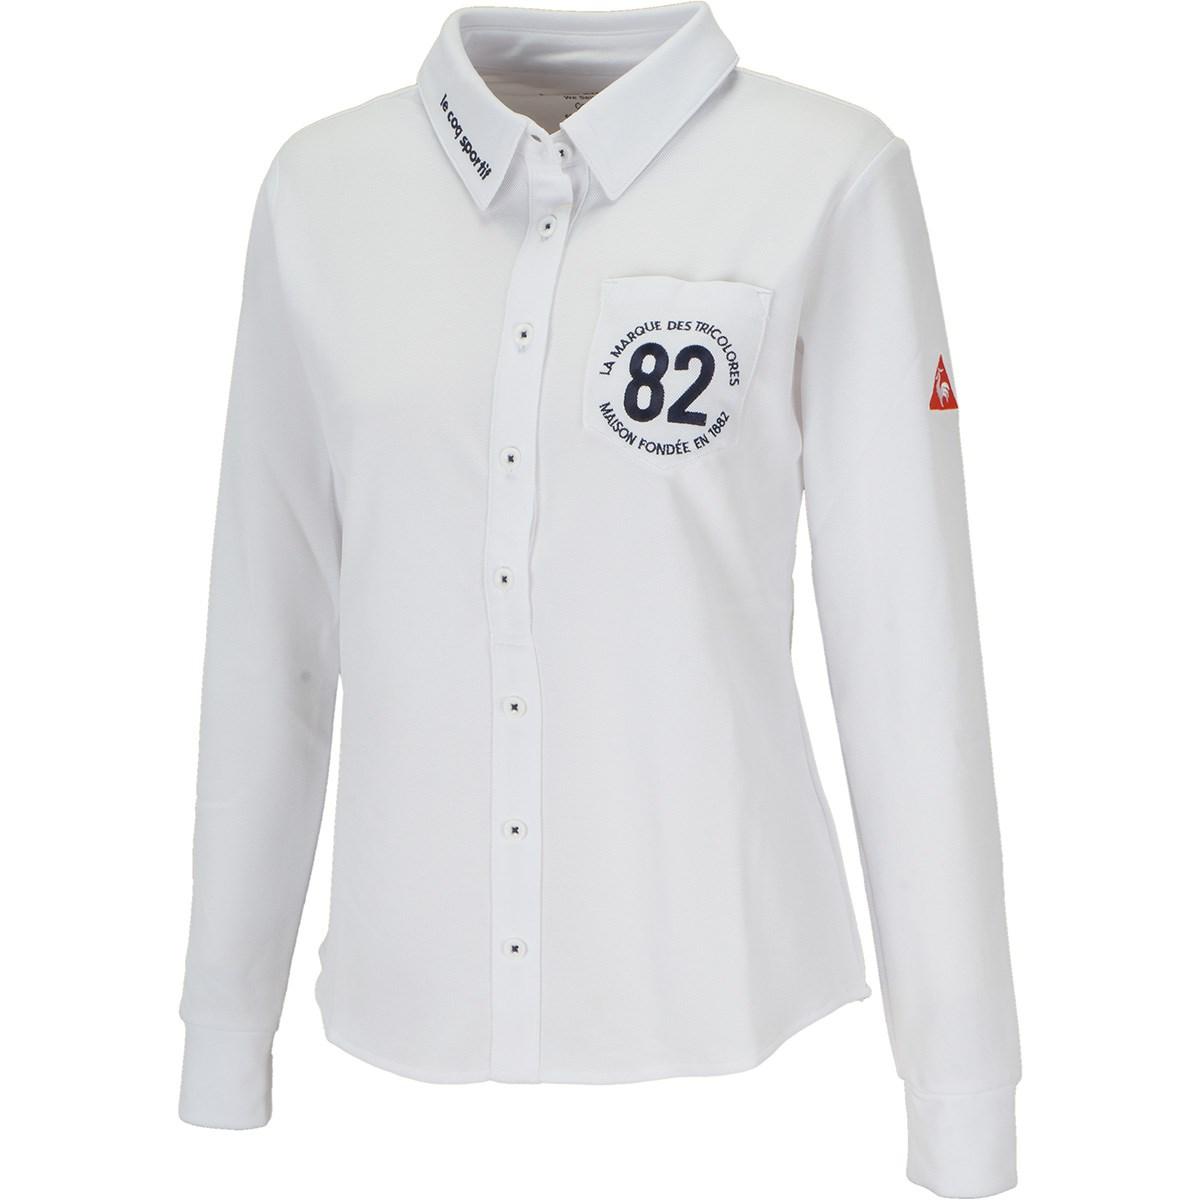 ルコックゴルフ Le coq sportif GOLF ストレッチ 鹿の子長袖シャツ S ホワイト 00 レディス